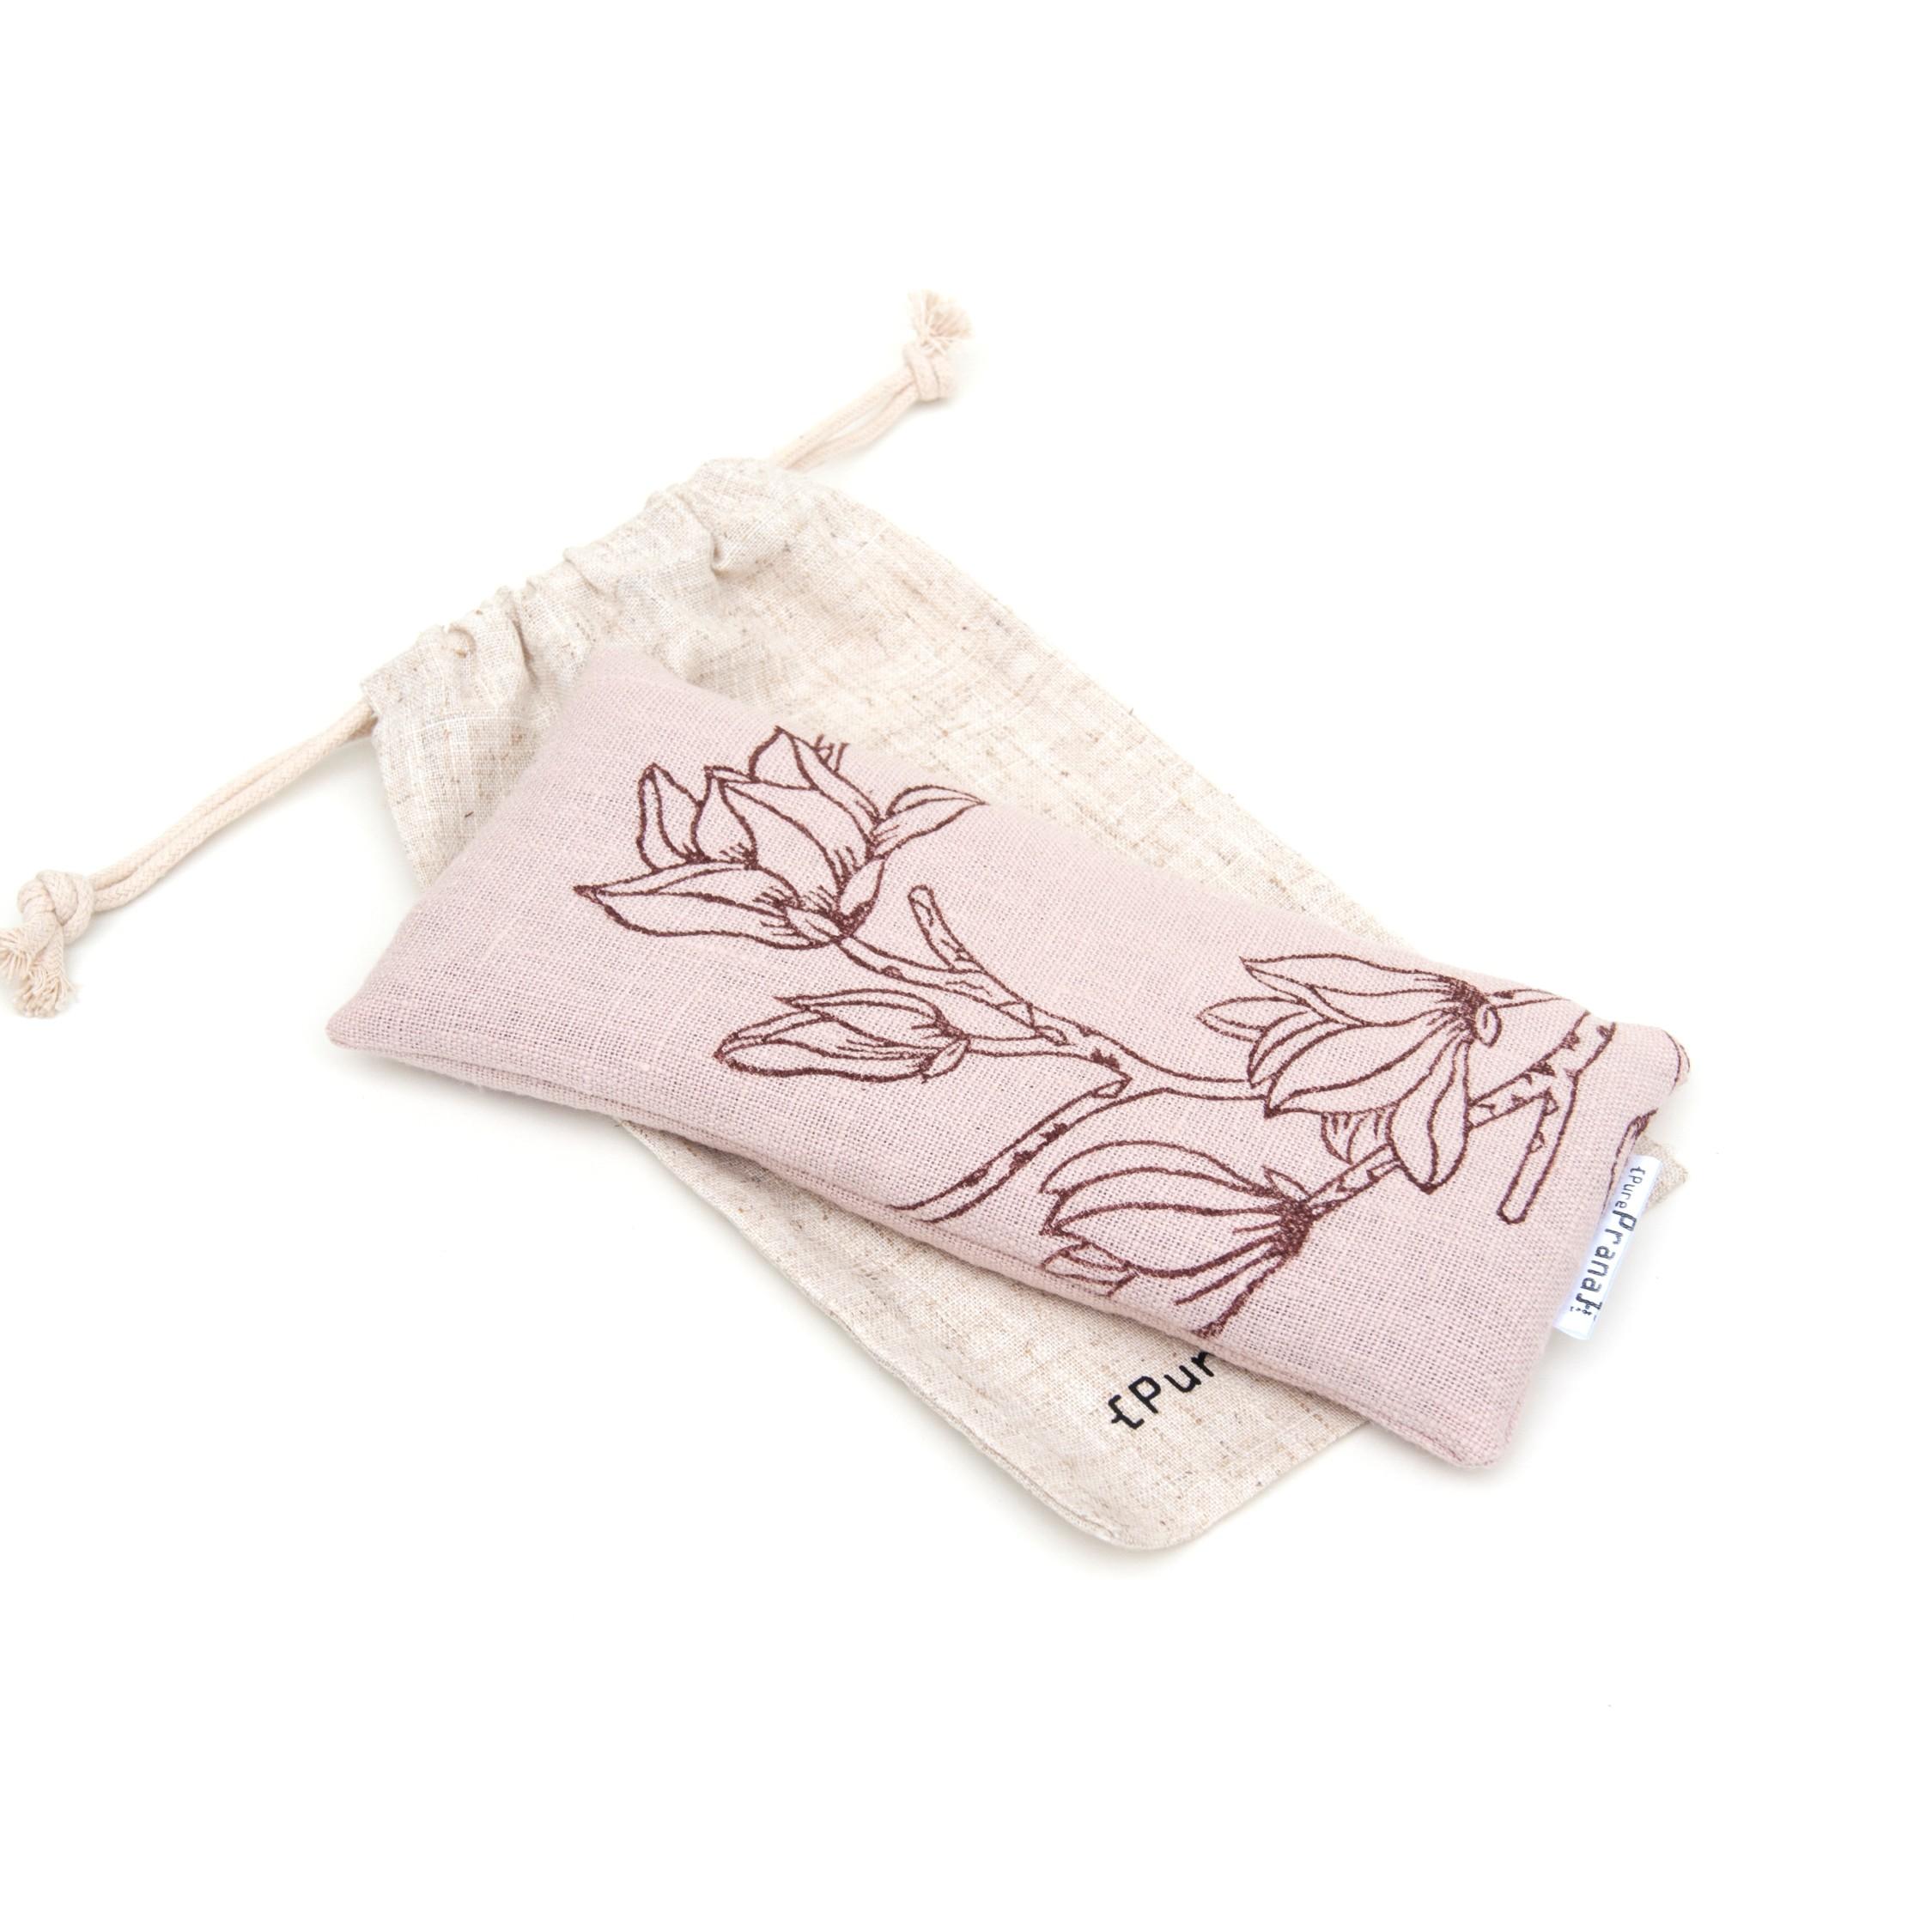 Unique lavender eye pillow by Pure Prana Label